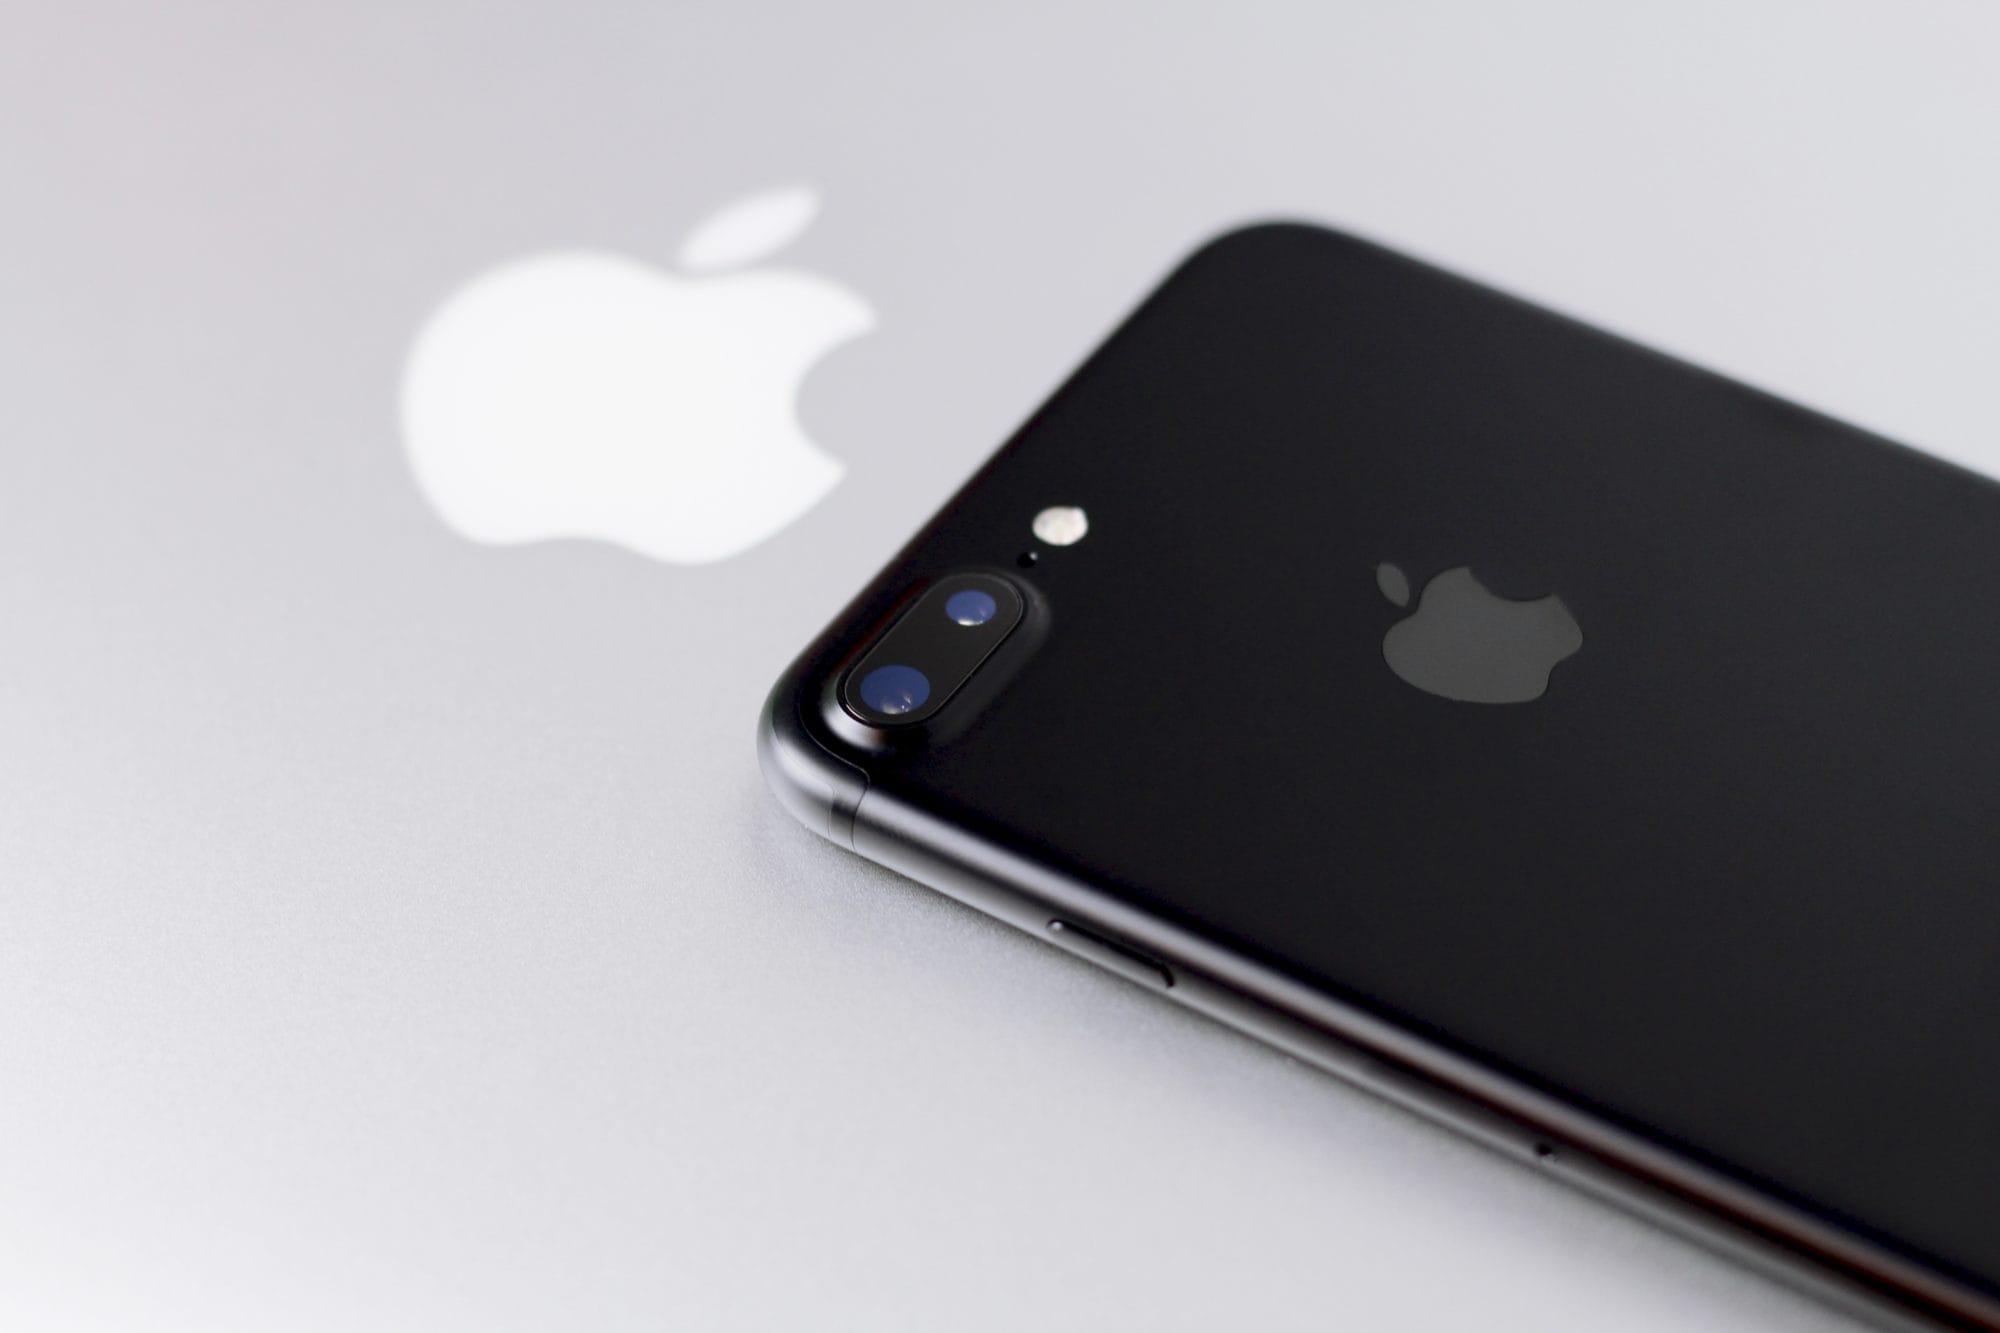 Ivos iPhone 7 Plus mit MacBook Air